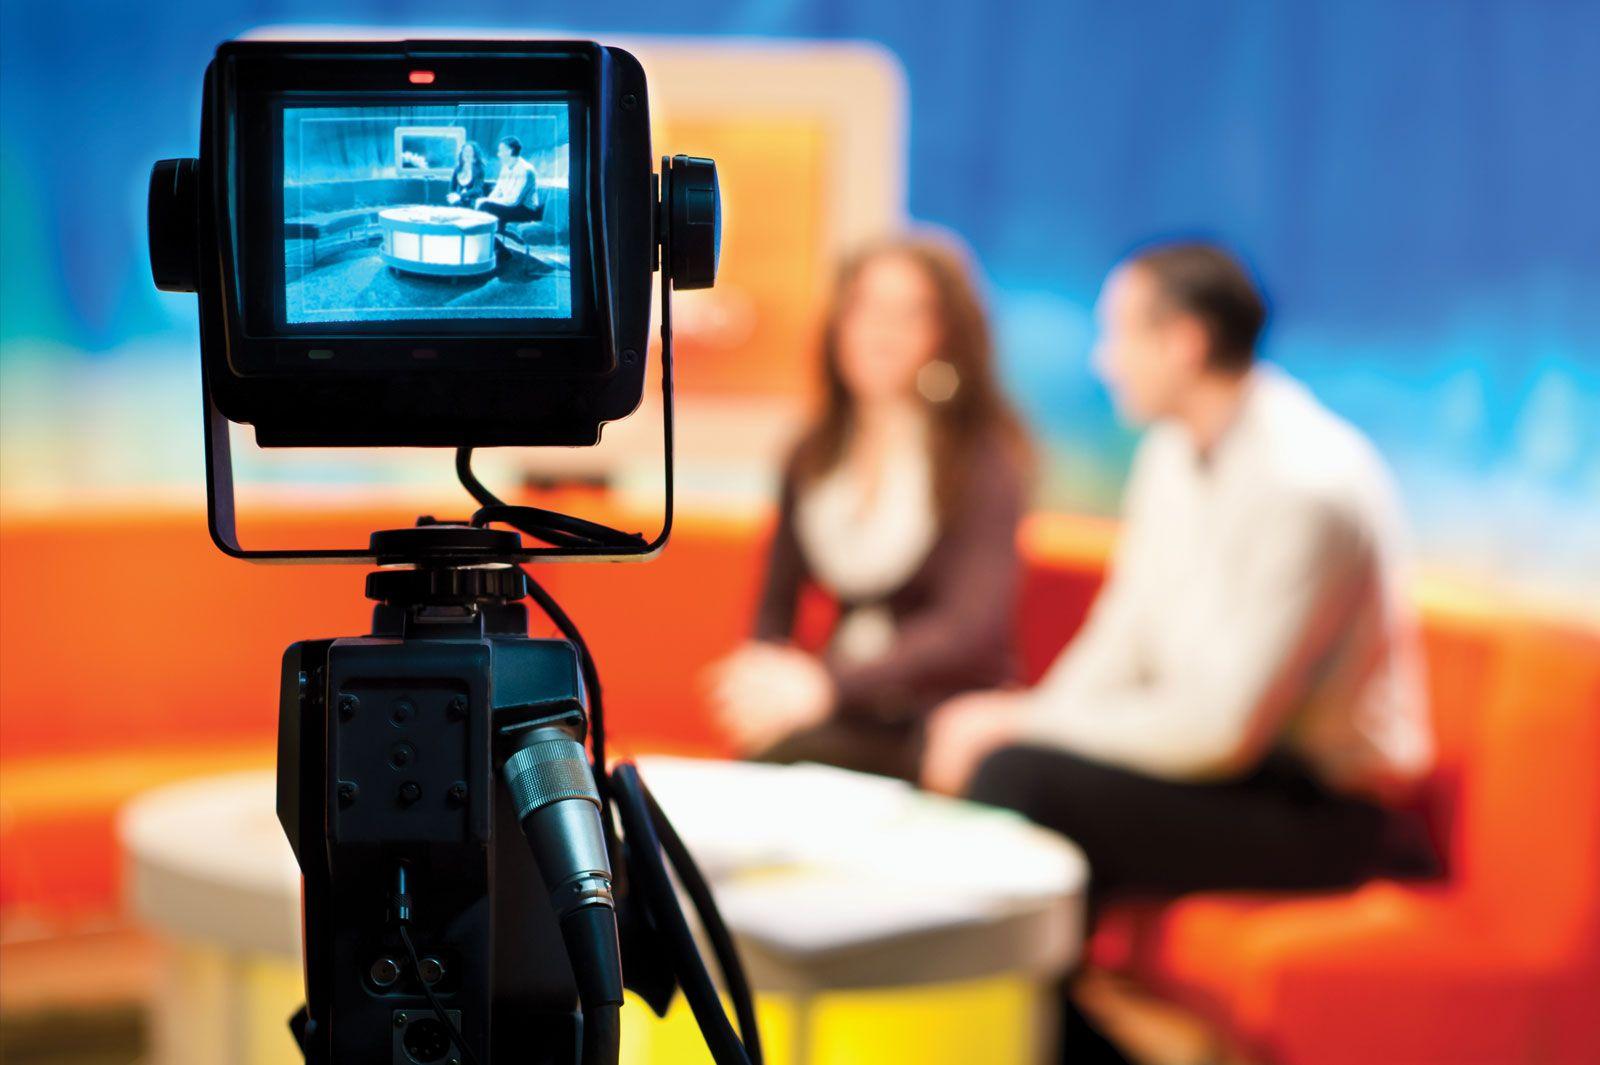 TV Programcılığı Kursu – Sinema Akademi TV Programcılığı Eğitimi TV programcılığı kursu Sinema Akademi, alanında ünlü TV programcısı eğitmenler, yüzde 100 öğrenme garantisi, eğitim sertifikası, uluslararası eğitim standardı, son kontenjanlar hemen kayıt ol. http://www.sinemaakademi.com.tr/egitim/tv-programciligi-kursu/   #TVprogramcılığıkursu #TVprogramcılığıeğitimi #TVprogramcılığıkursufiyatları